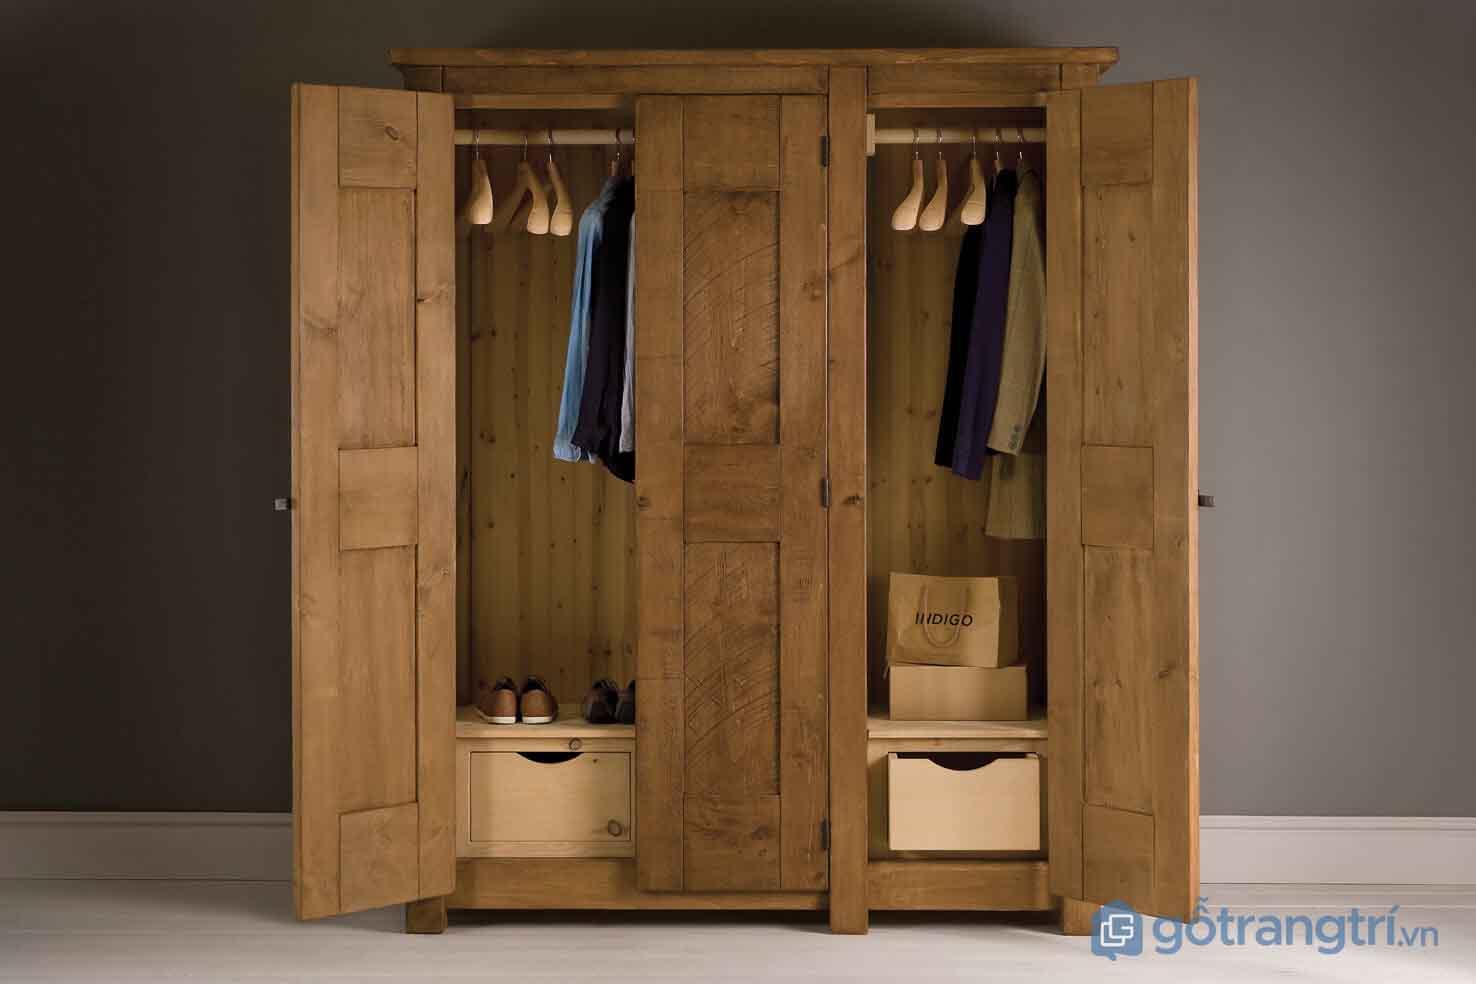 Có rất nhiều cách xử lý tủ quần áo bị ẩm mốc